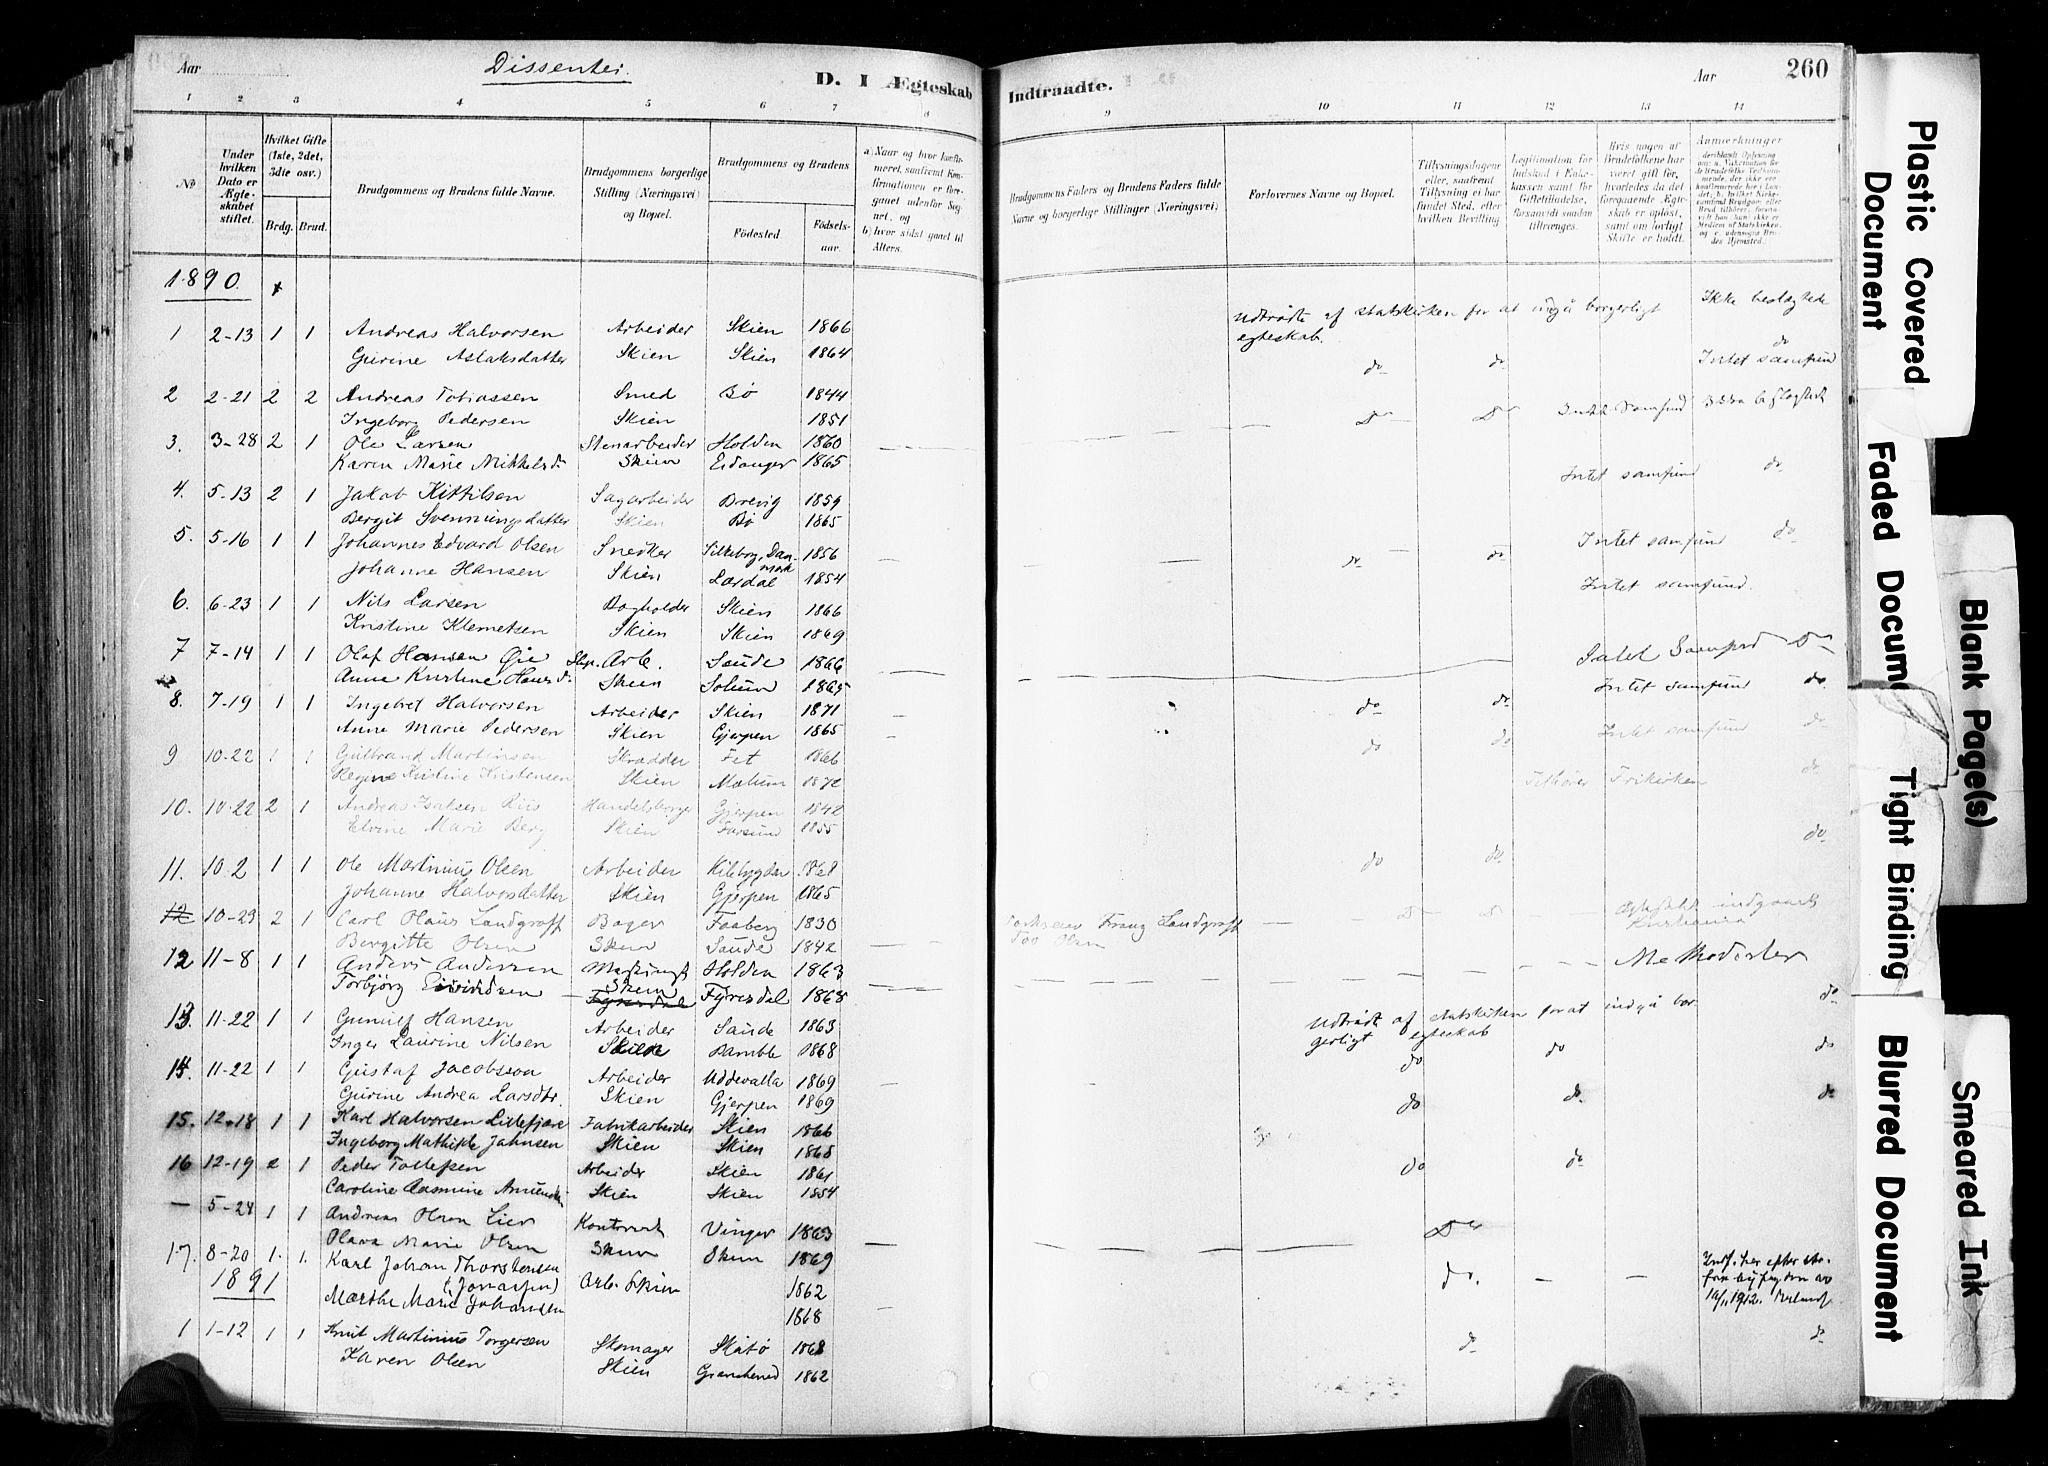 SAKO, Skien kirkebøker, F/Fa/L0009: Ministerialbok nr. 9, 1878-1890, s. 260